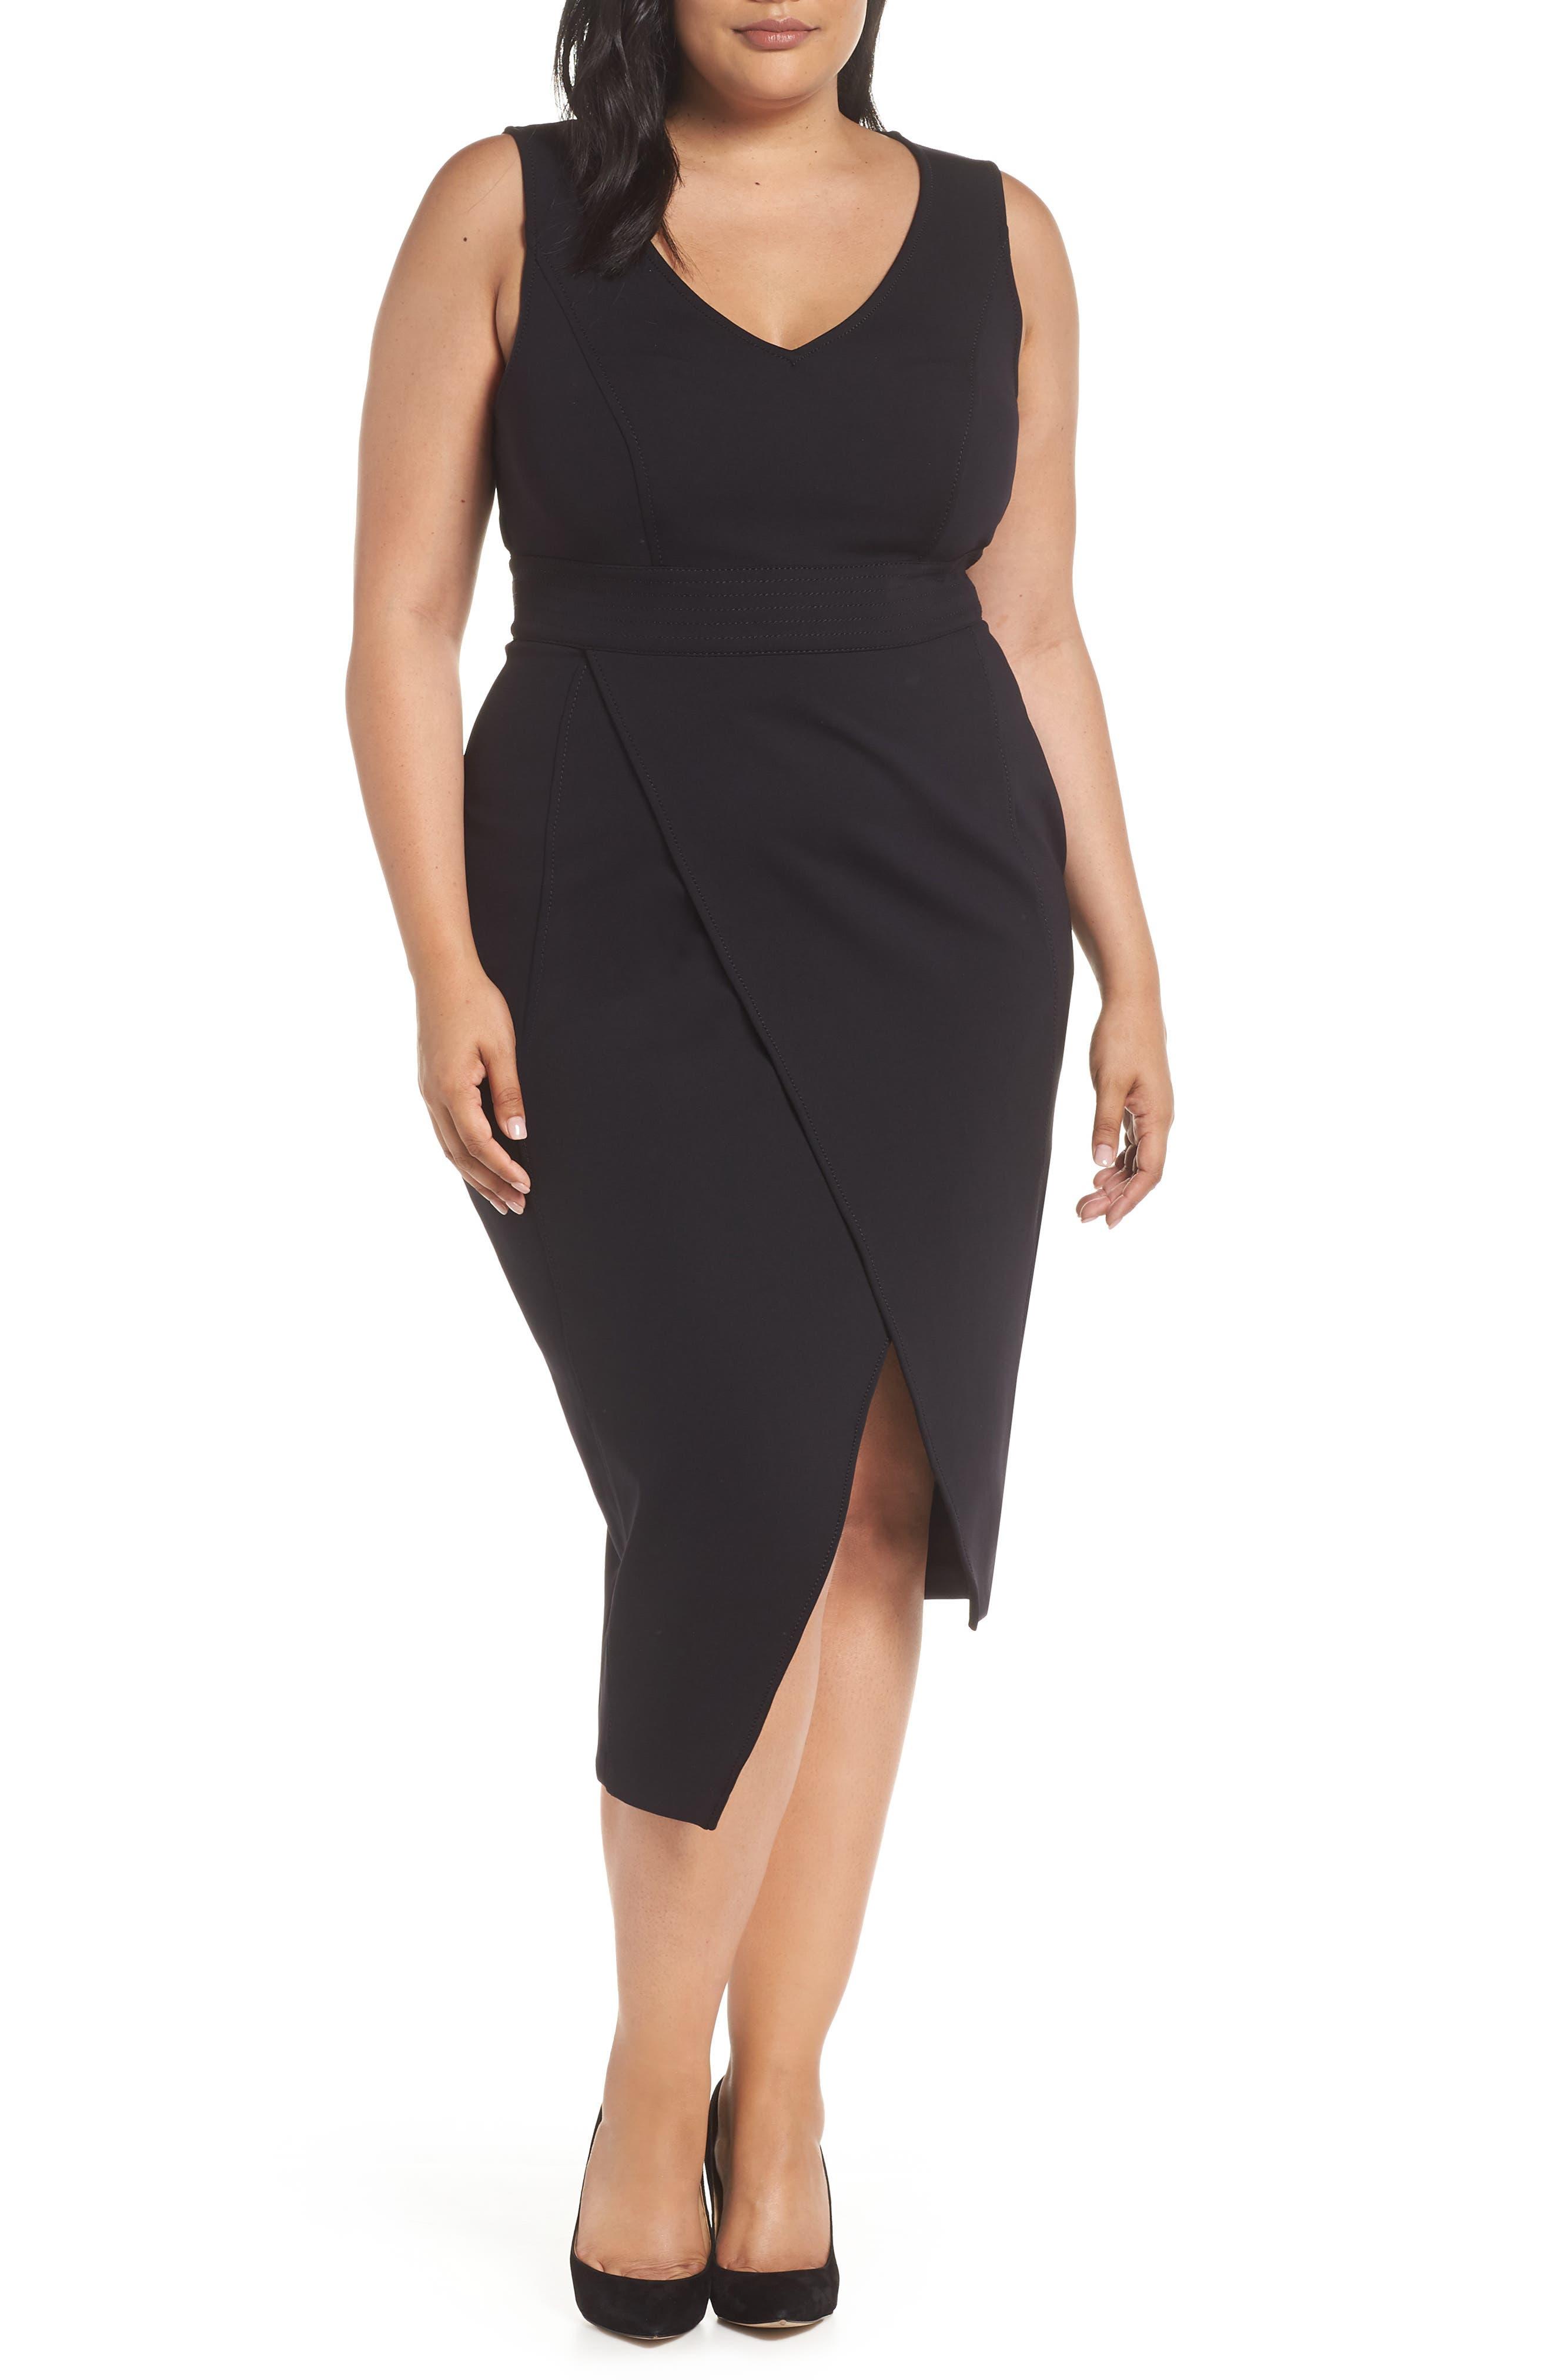 ASHLEY GRAHAM X MARINA RINALDI Oceanino Body-Con Dress in Black